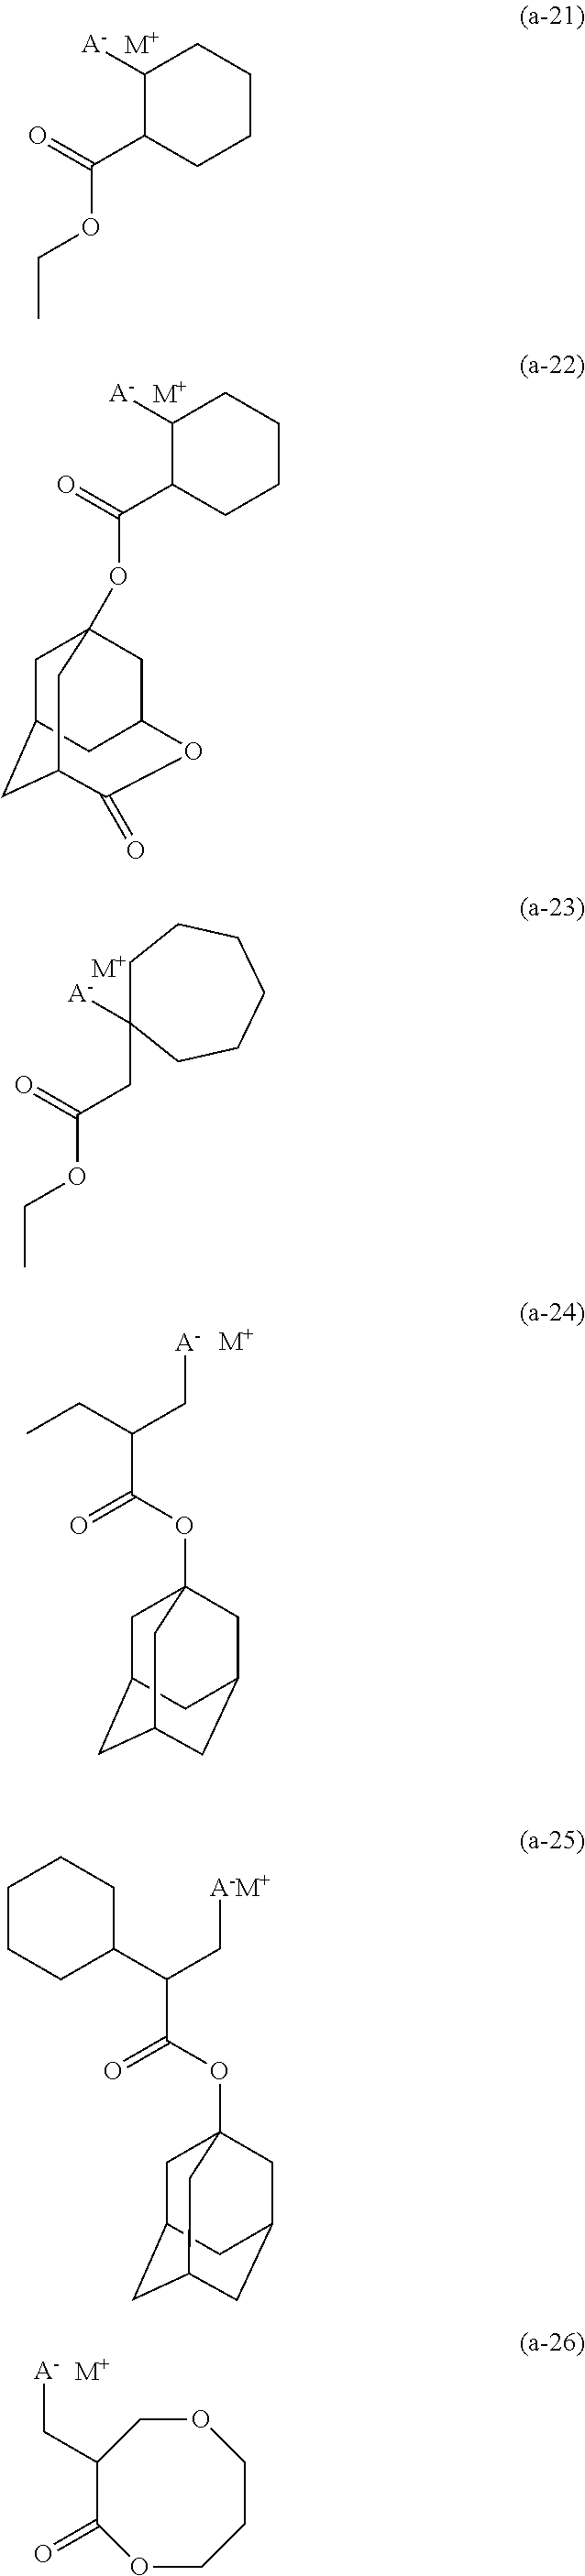 Figure US09477149-20161025-C00016